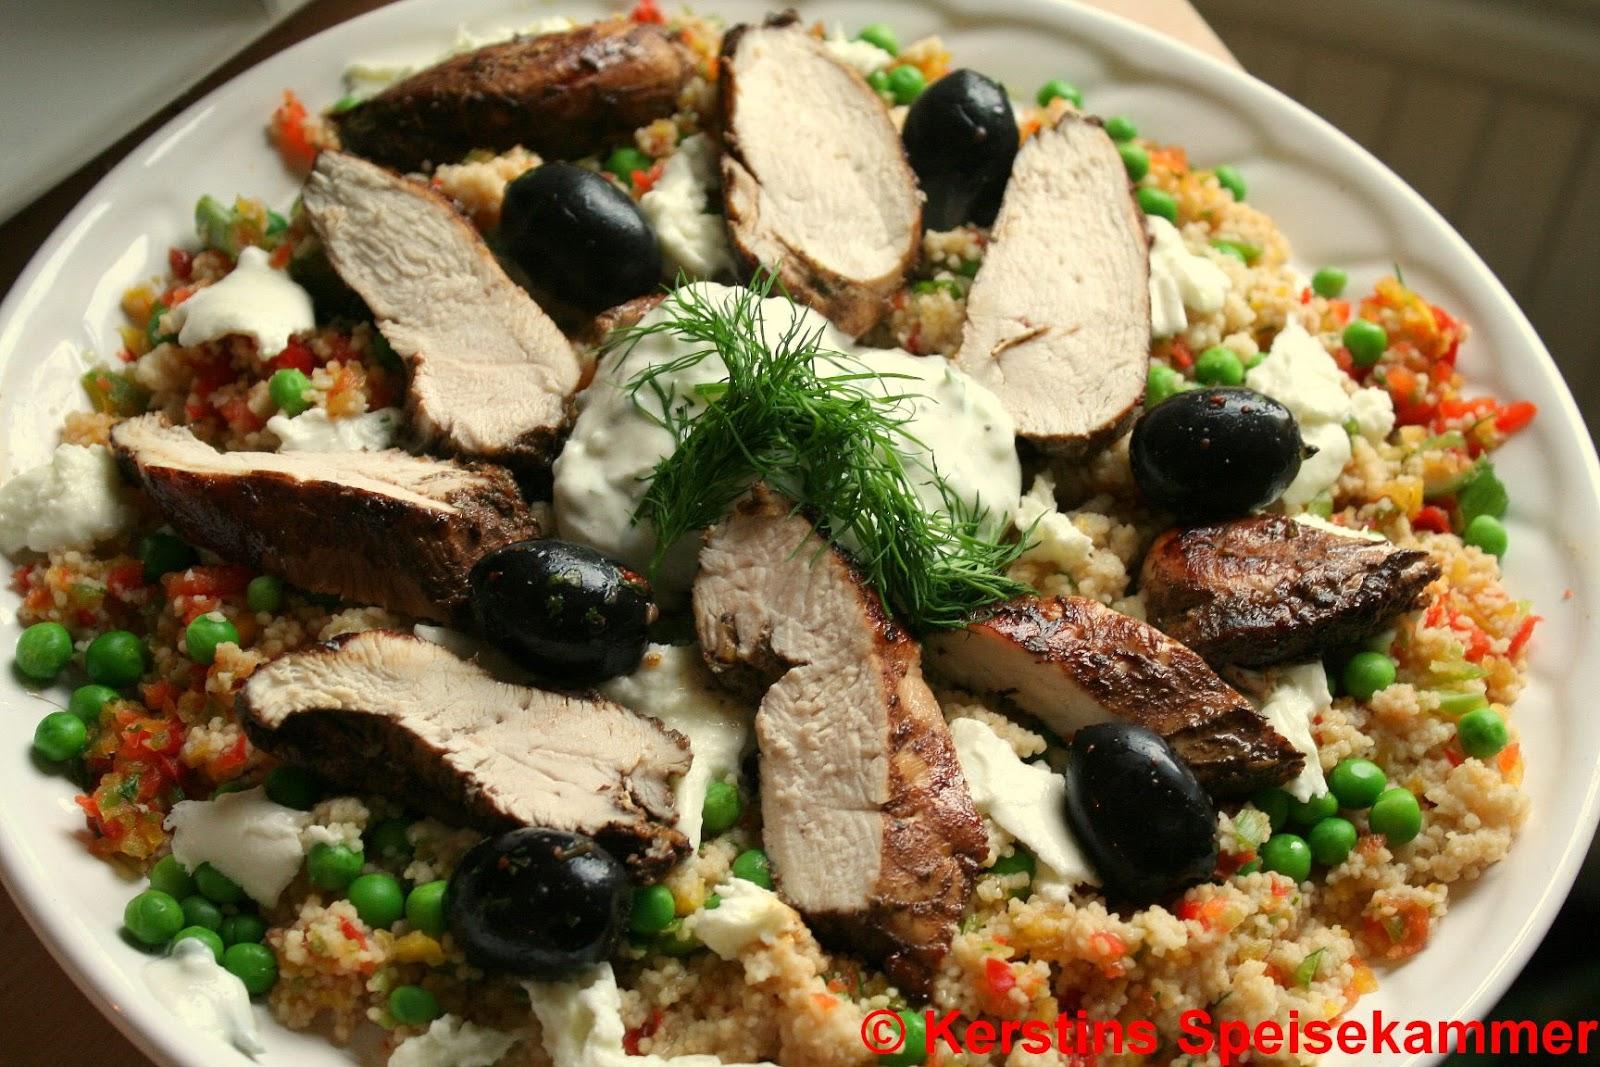 Kerstins Speisekammer Jamies 15 Minutes Meals Hähnchenbrust Mit